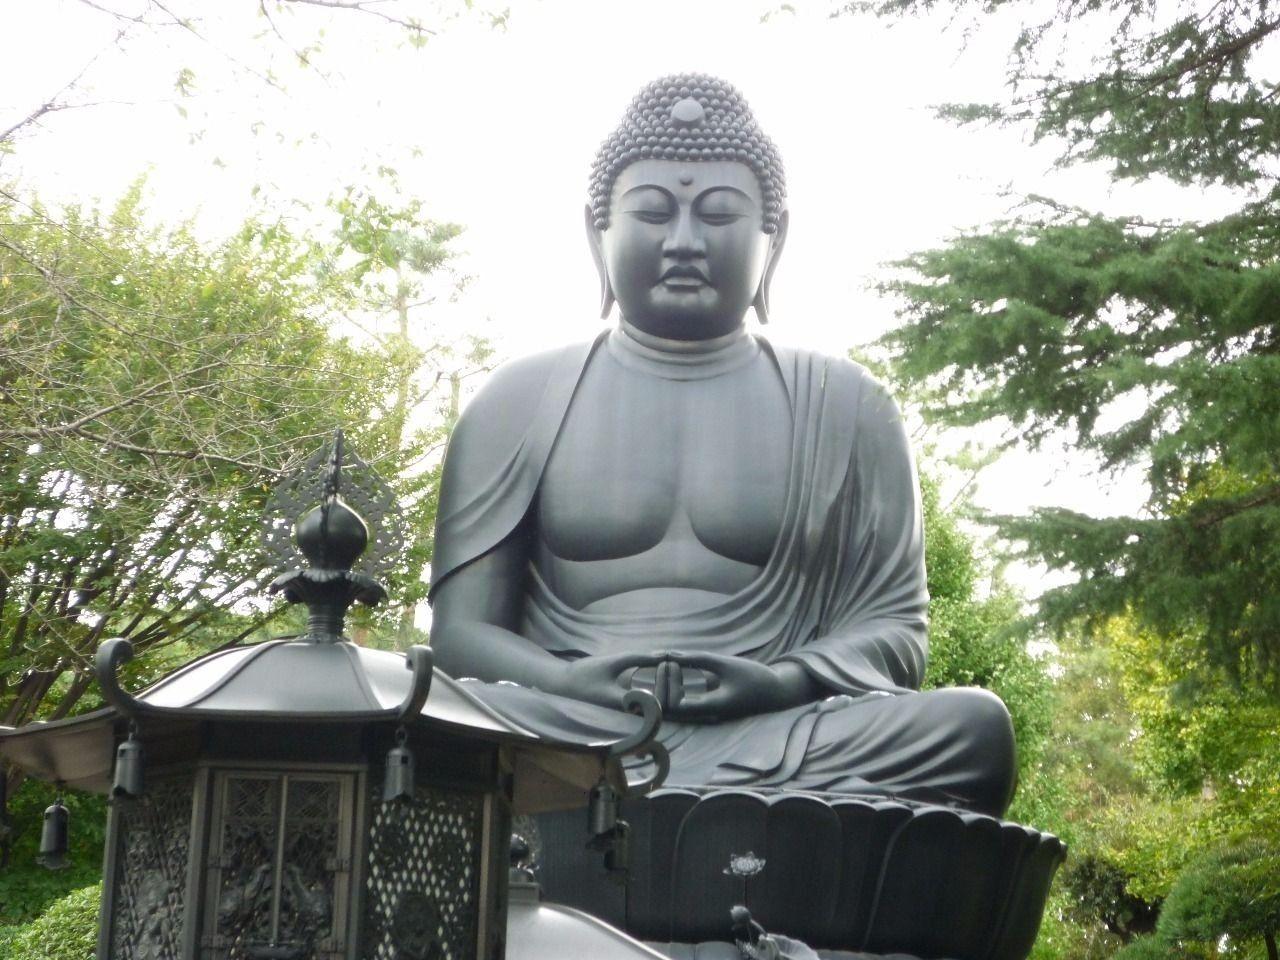 あまり知られていないと思いますが、ここ板橋でも大仏様を見ることができます。しかも奈良、鎌倉に並ぶ、三大仏の一つだと言われています。この大仏様は乗蓮寺内にあります。坐像で青銅製の鋳造大仏という条件なら東京大仏は日本で3番目に大きいらしいです。また板橋十景だけでなく、新東京百景にも選ばれています。ここに行くとなぜか落ち着きます。また、大みそかには屋台なども出てかなり賑わいます。初詣にもおススメな場所です。